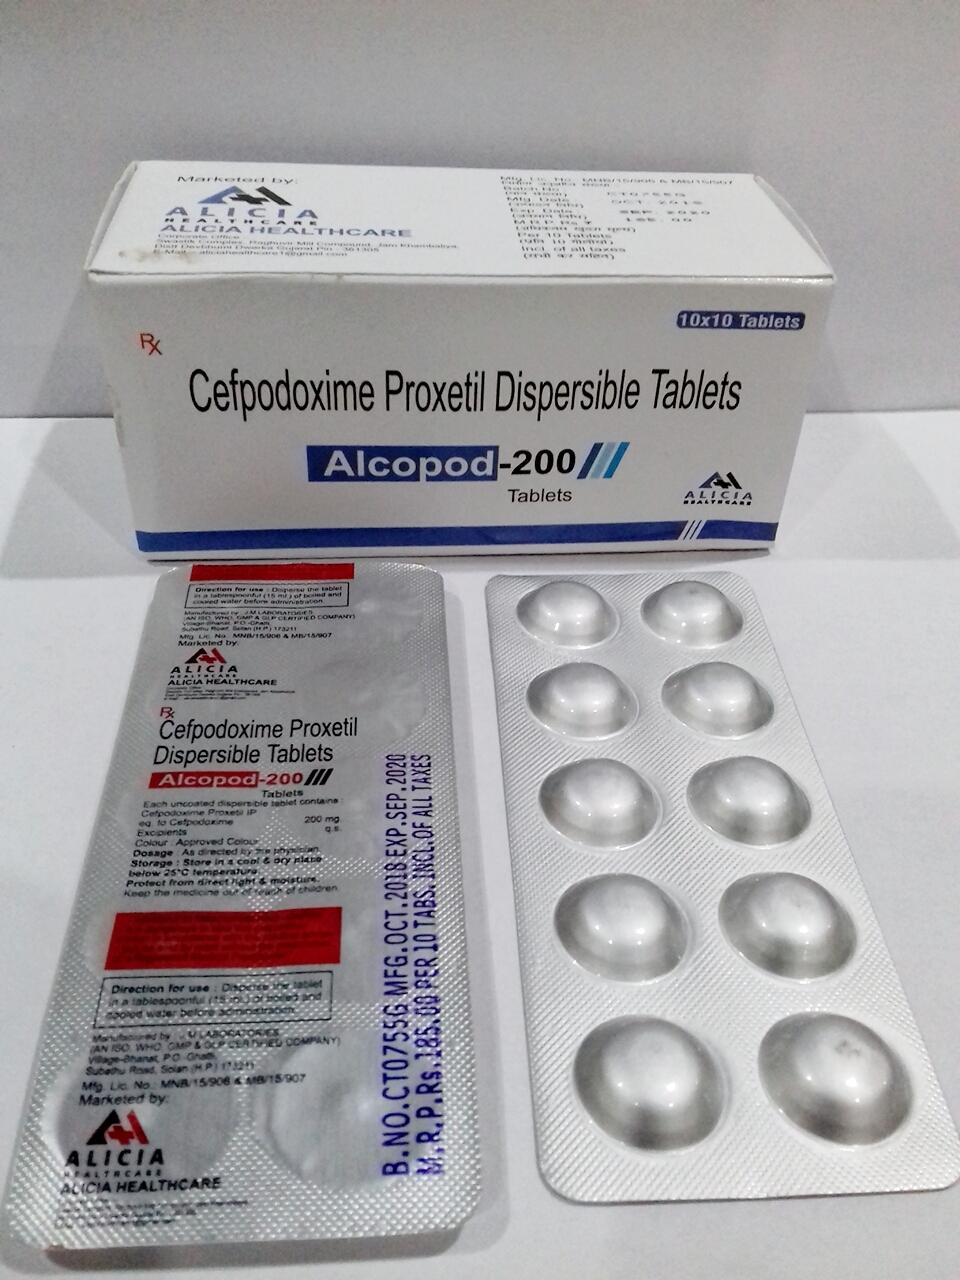 ALCOPOD-200